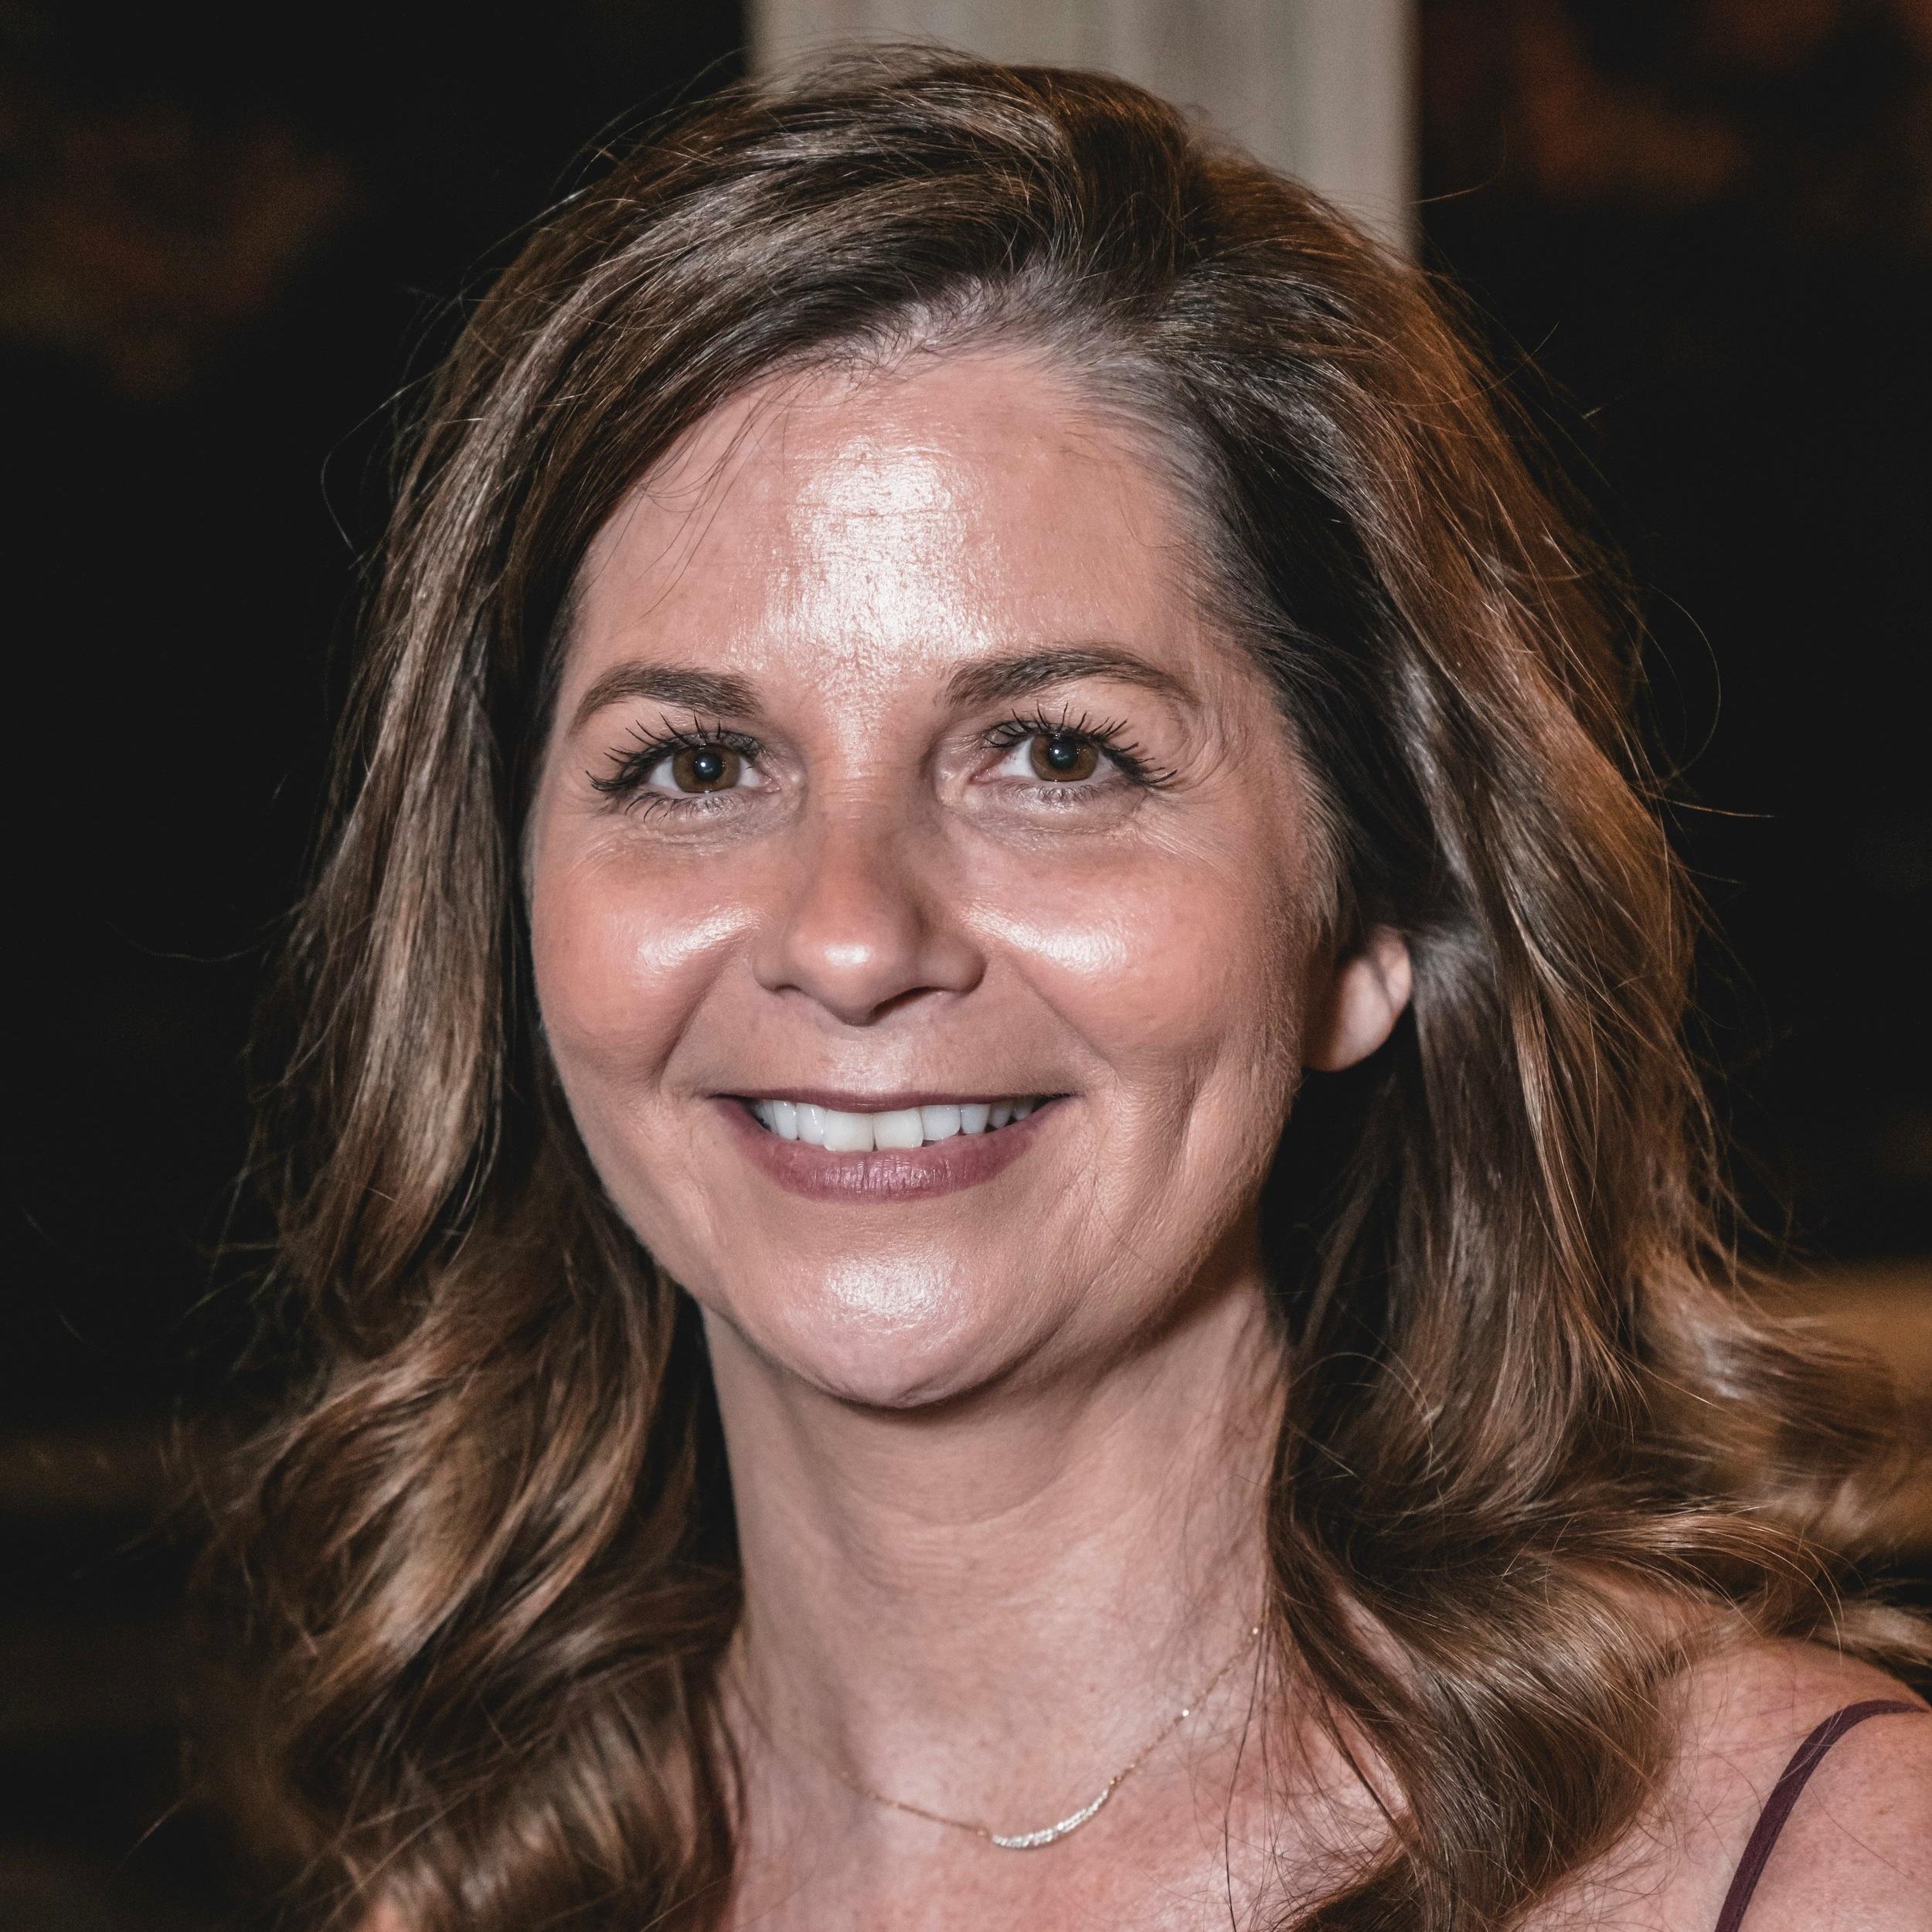 Michelle Lackey